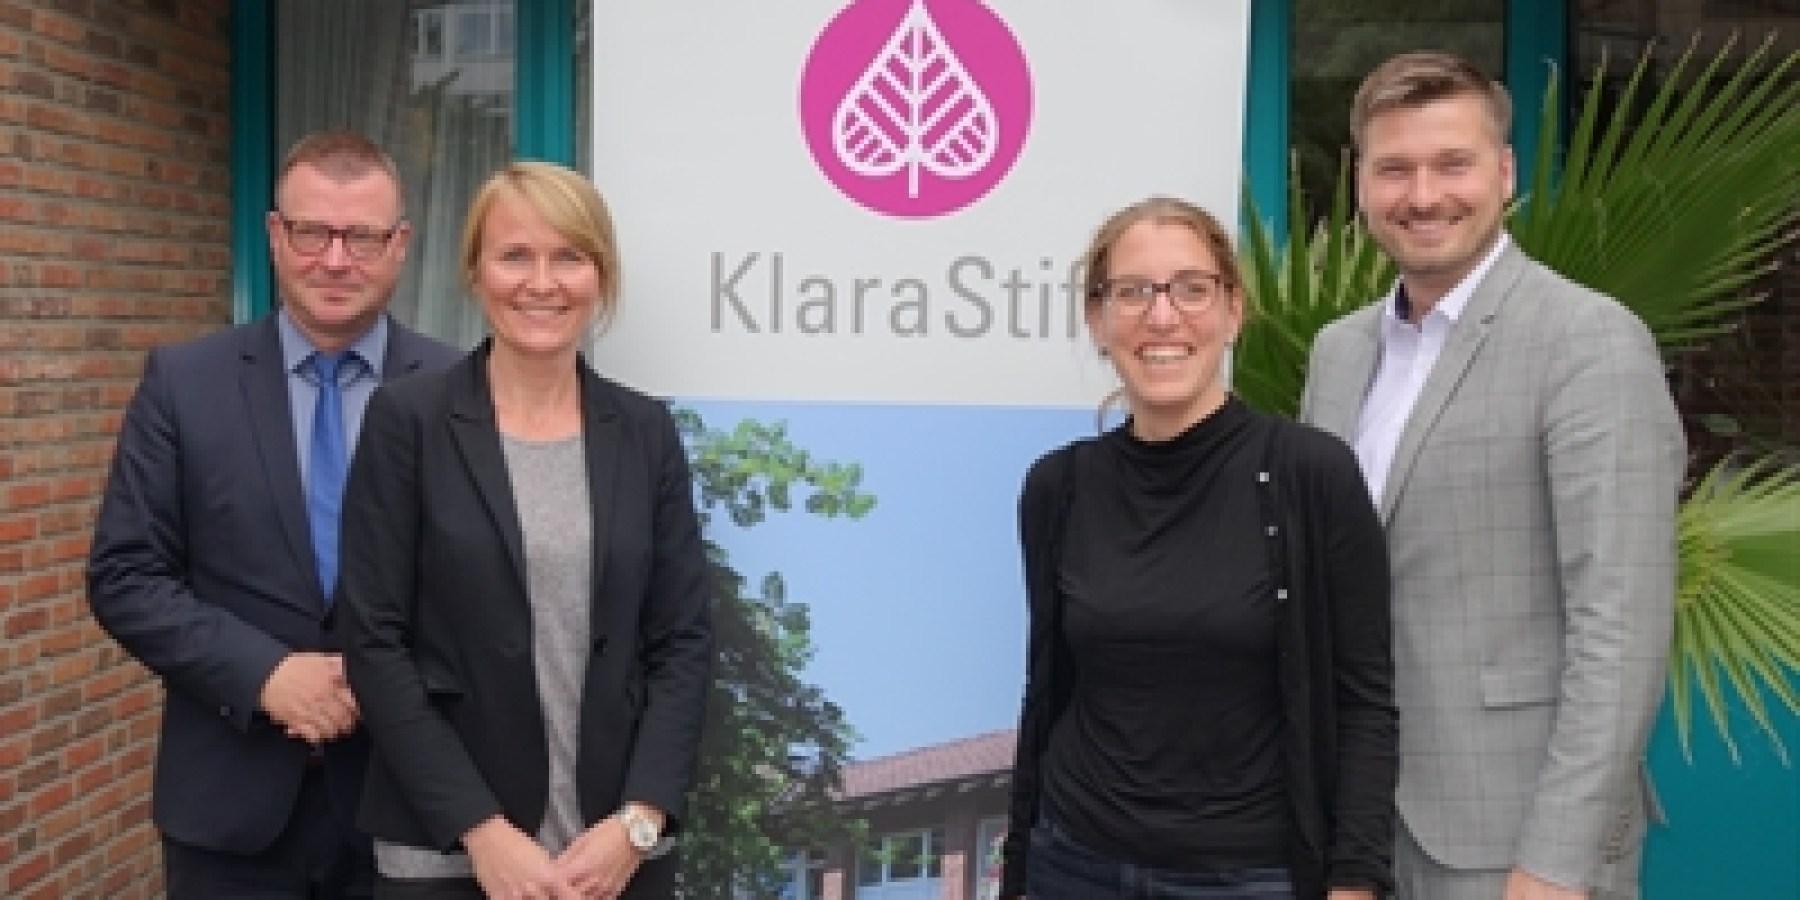 Ewa Woroch leitet Altenzentrum Klarastift